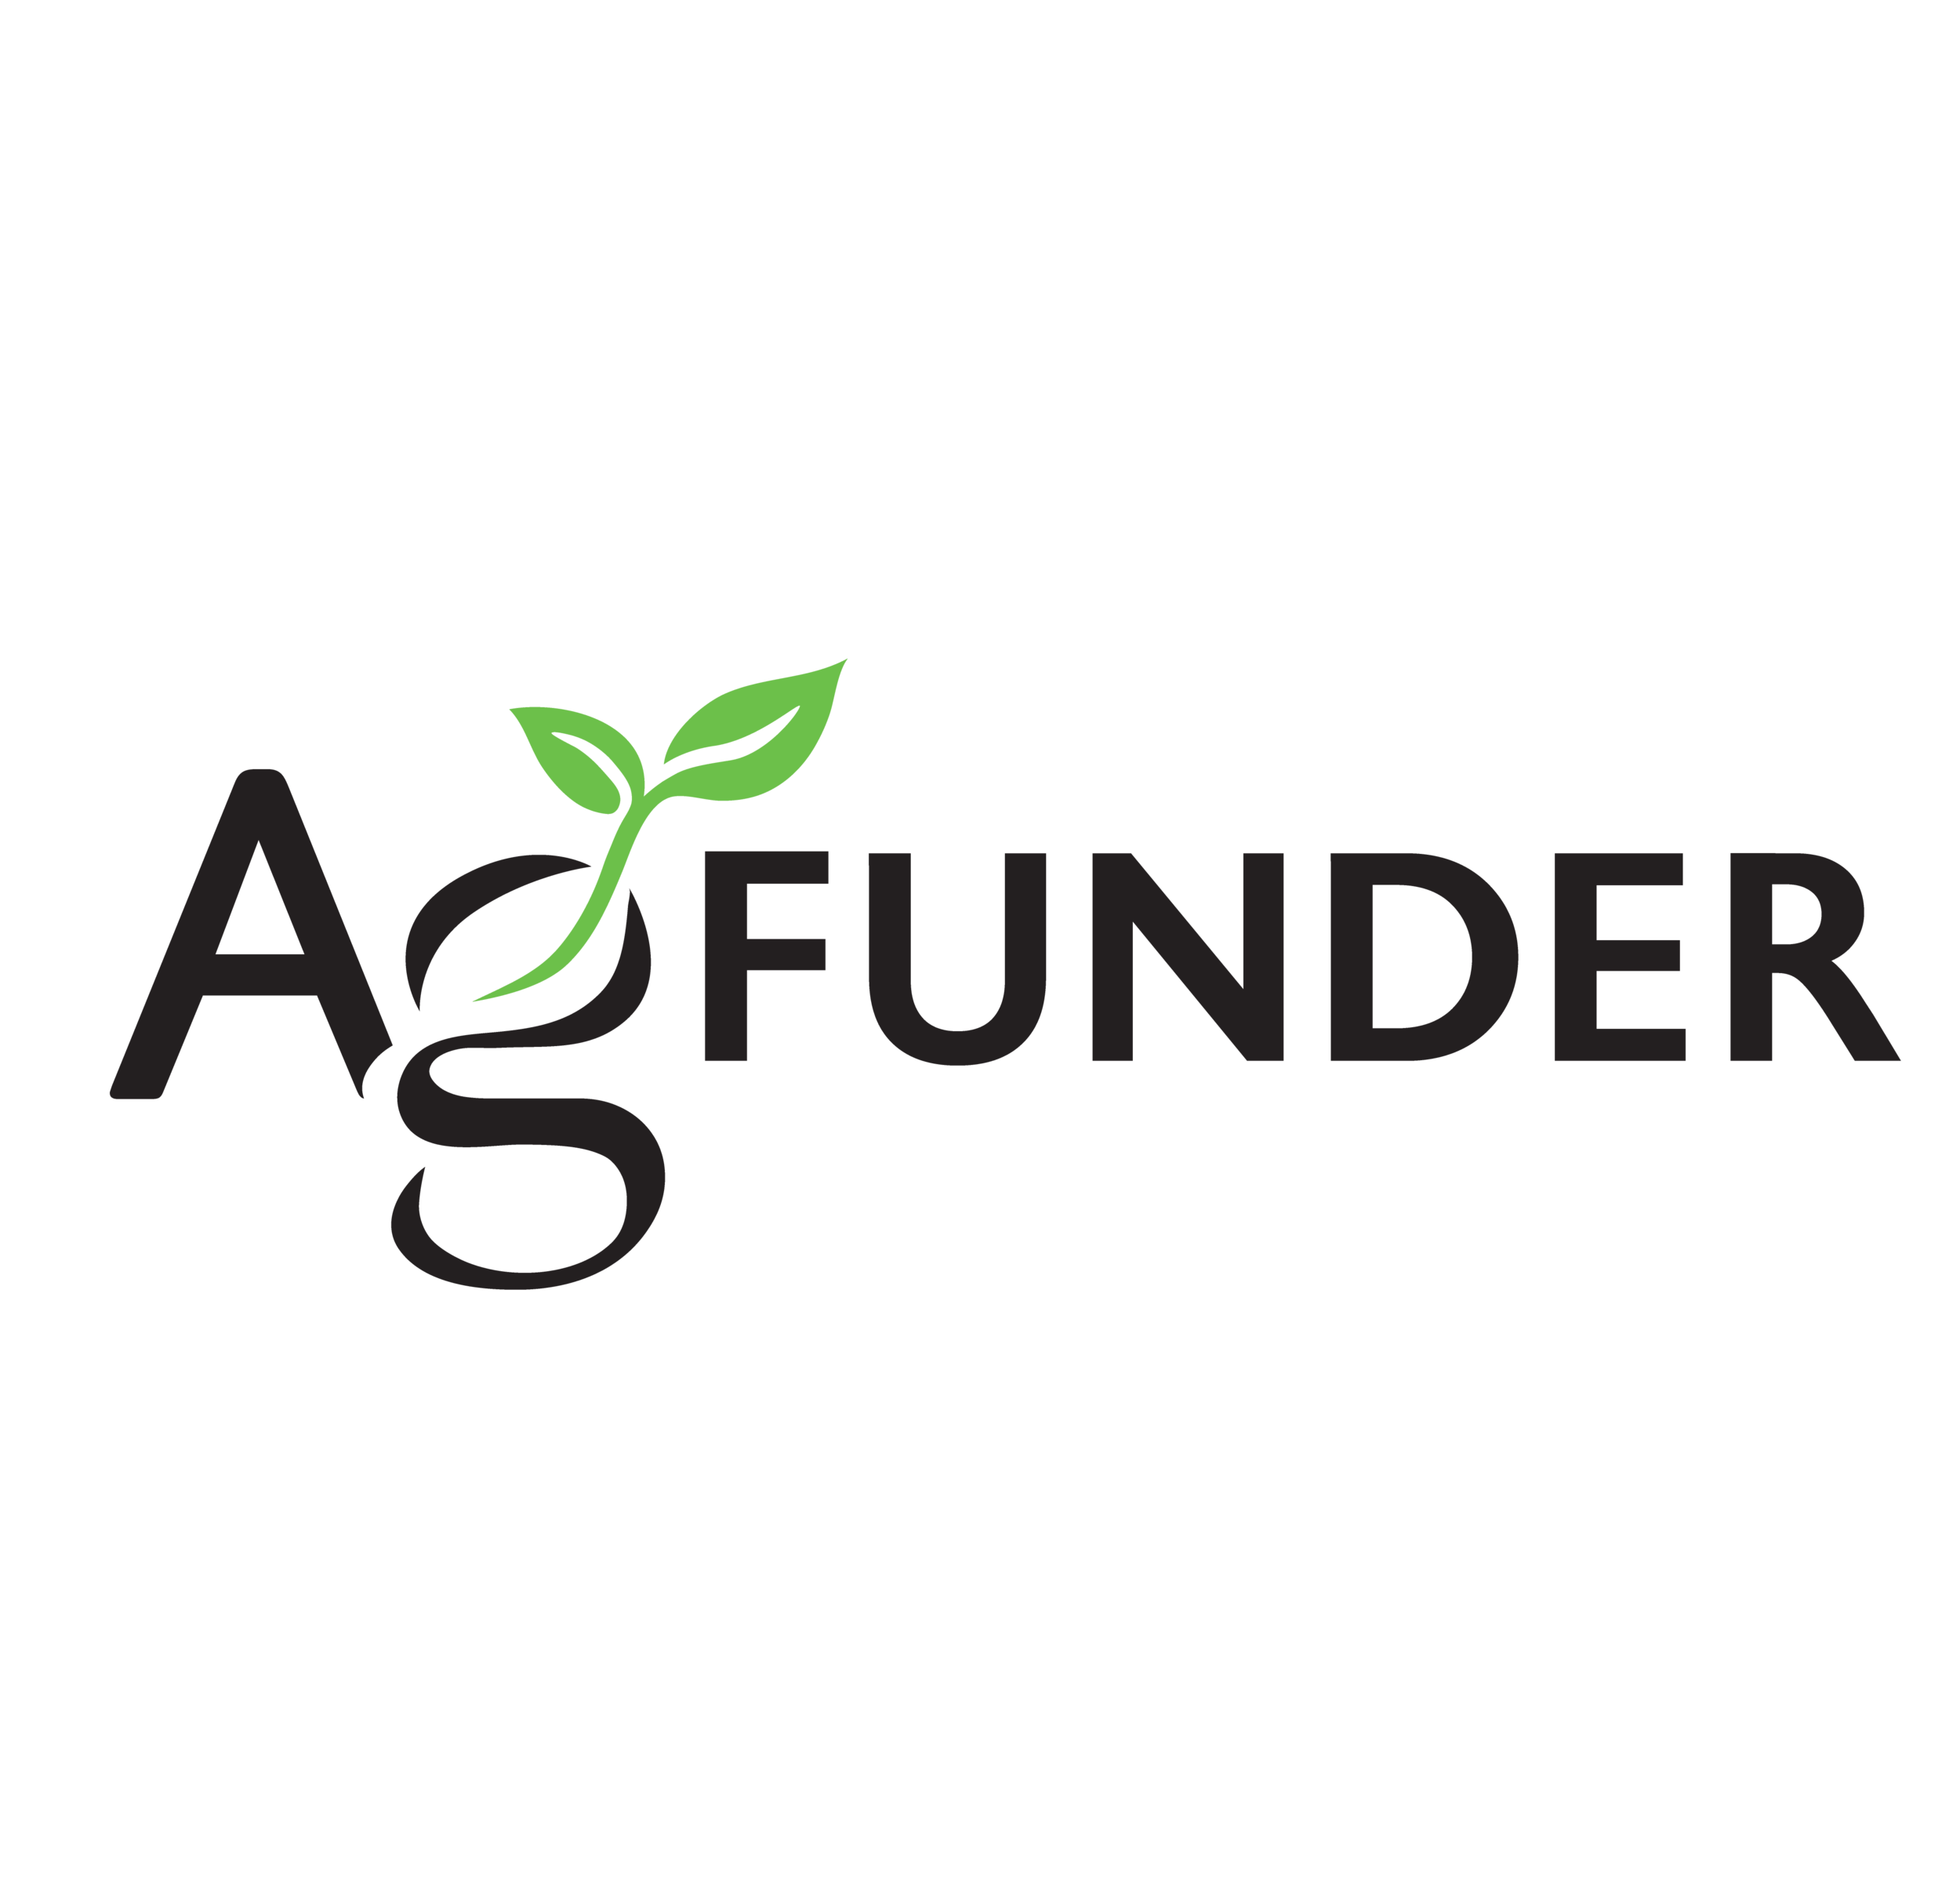 AgFunder Logo.png